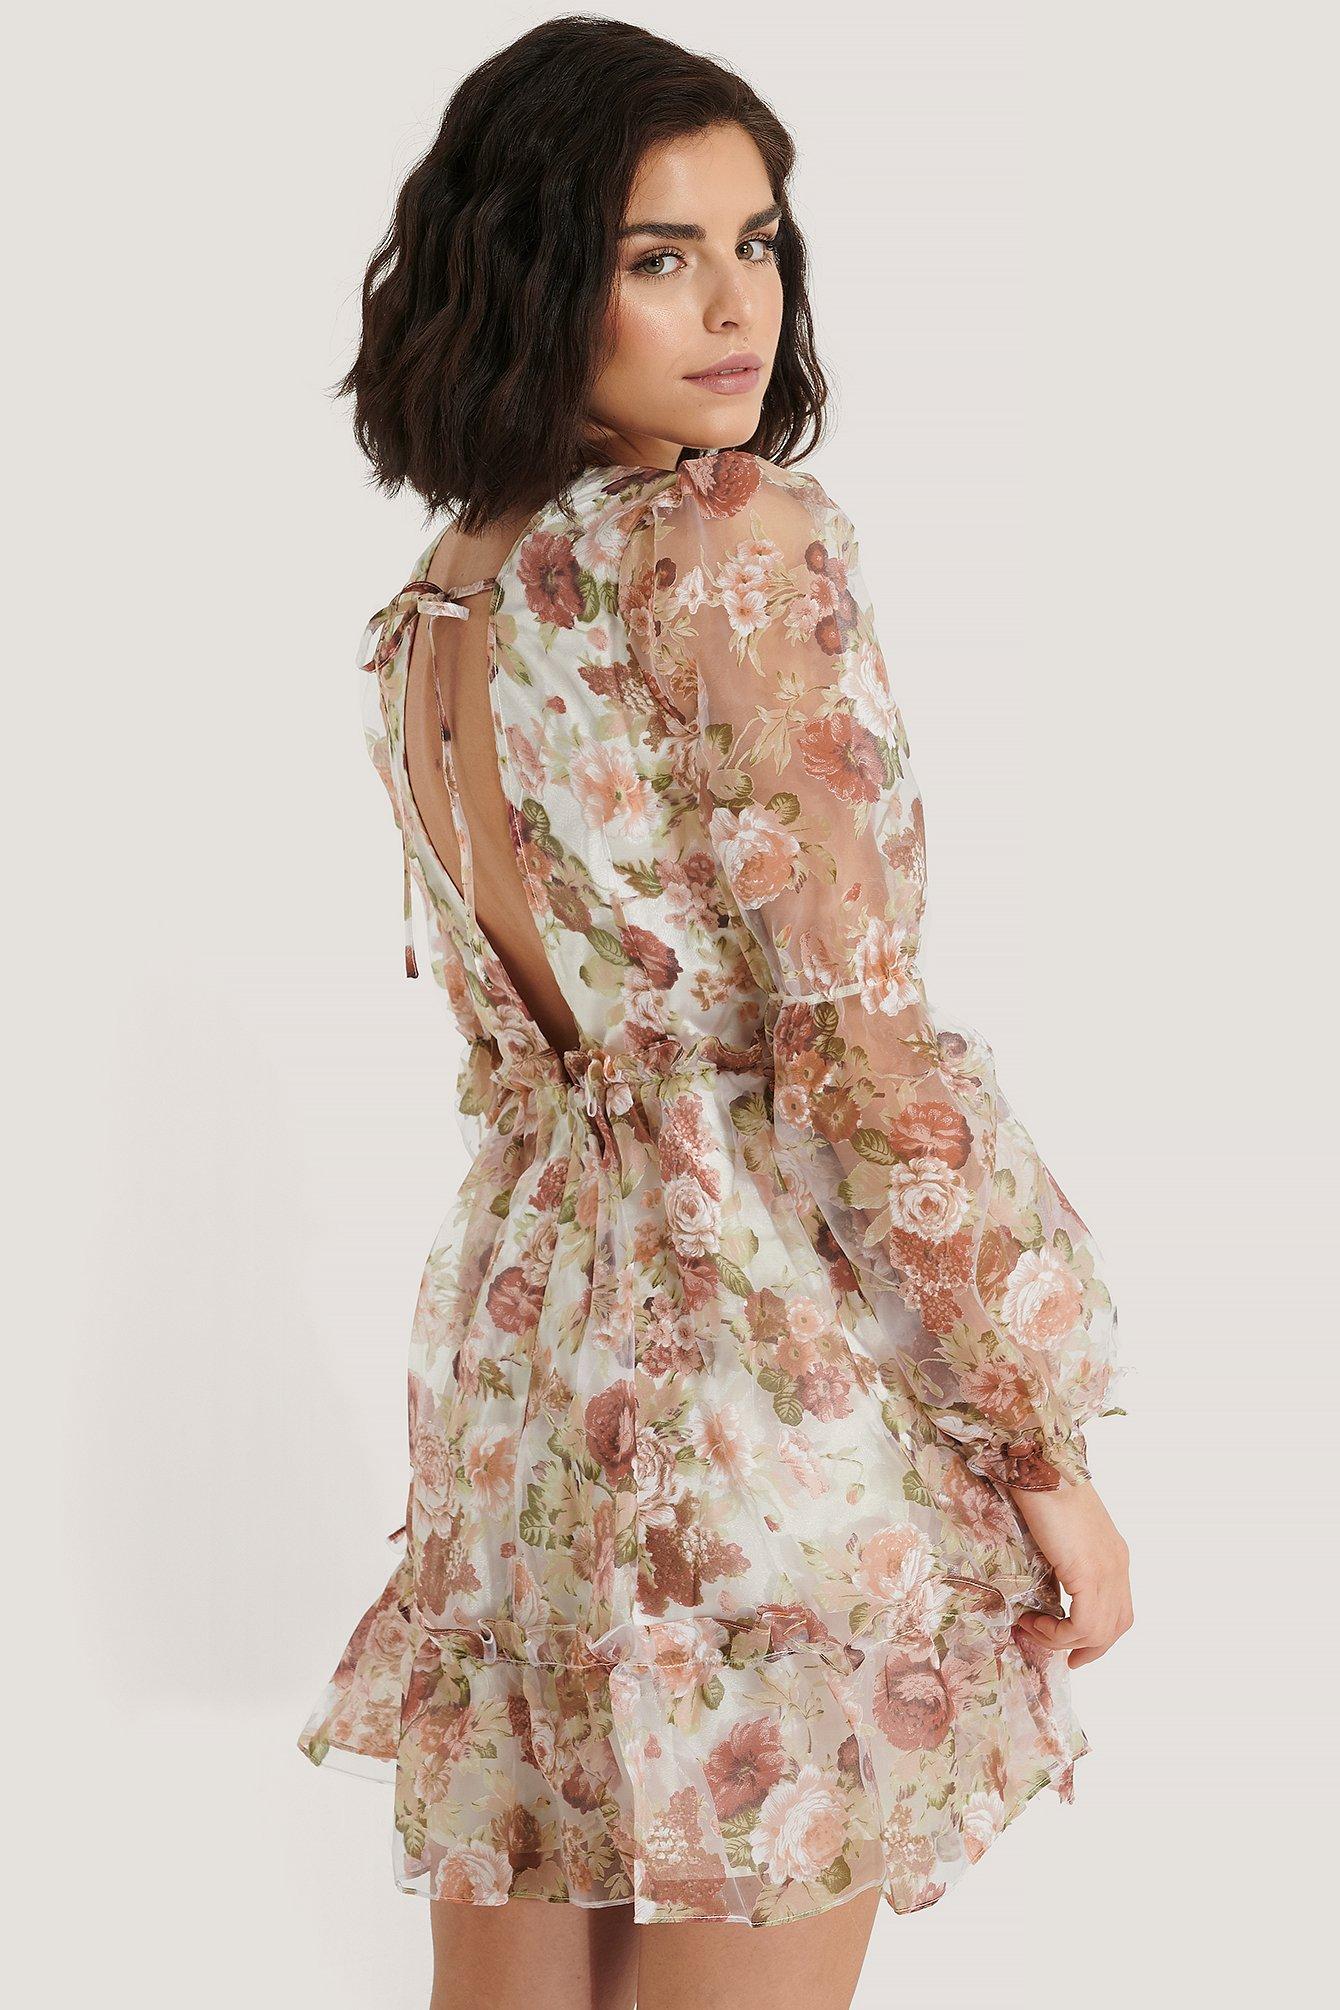 Organza-Kleid Mit Blumendruck Und Offenem Rücken ...